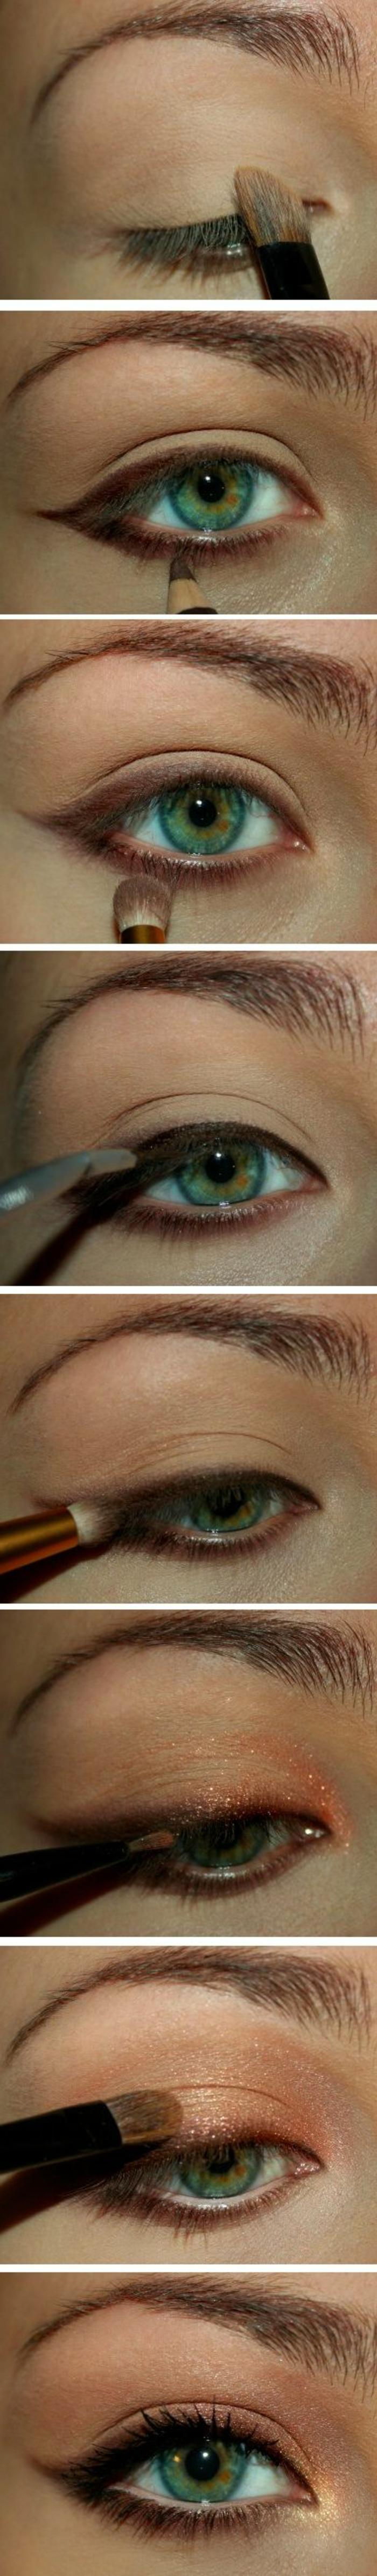 maquillage-doré-tutoriel-maqillage-étapes-pour-se-maquiller-bien